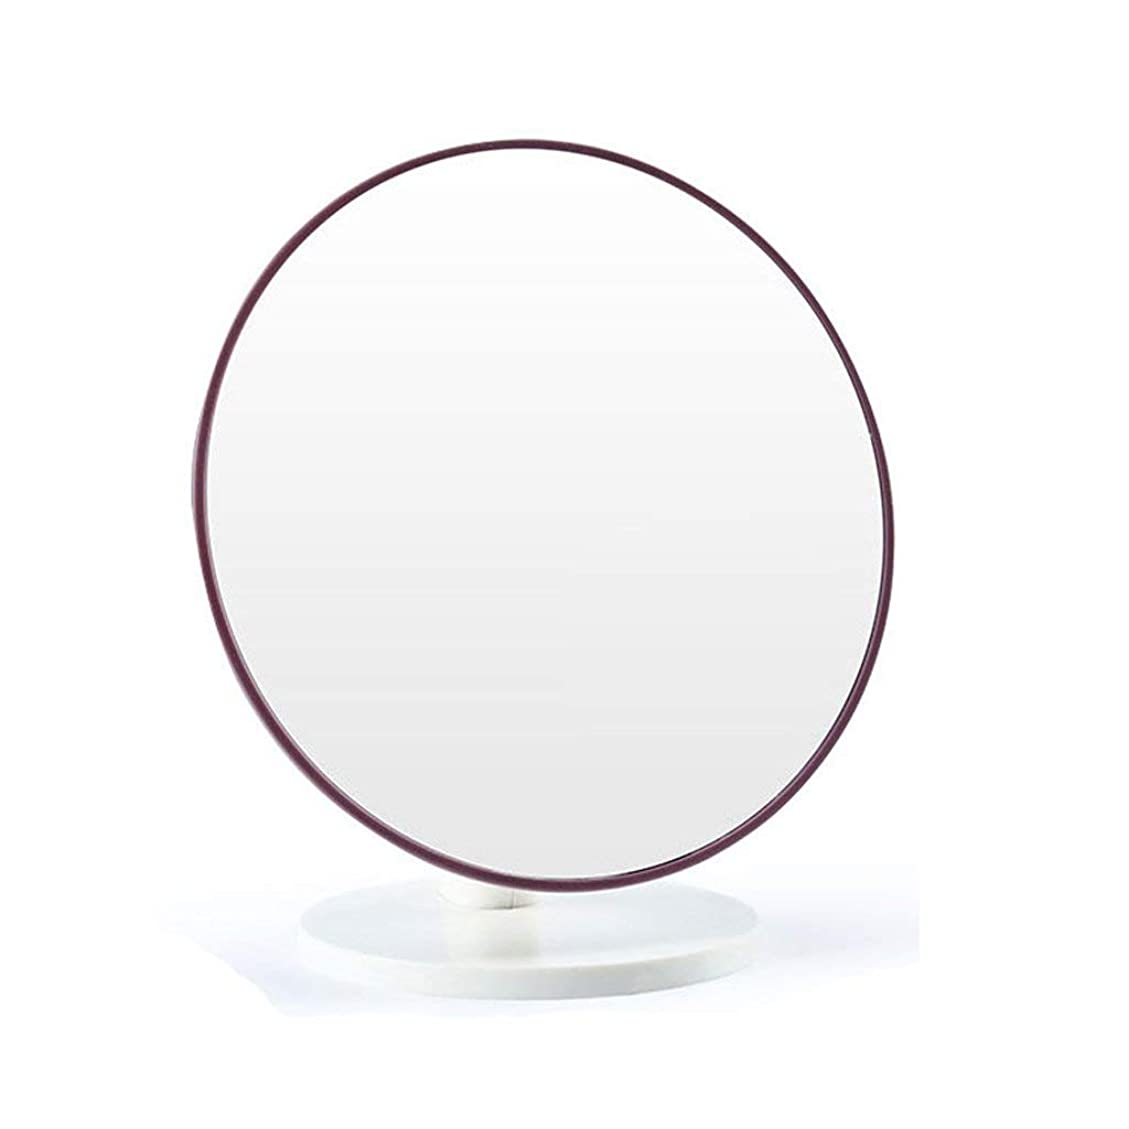 陽気な溶かすビスケット化粧鏡円形デスクトップ折りたたみ式ポータブル化粧鏡HD片面トラベルハンドヘルドメイクアップミラー(色:紫)